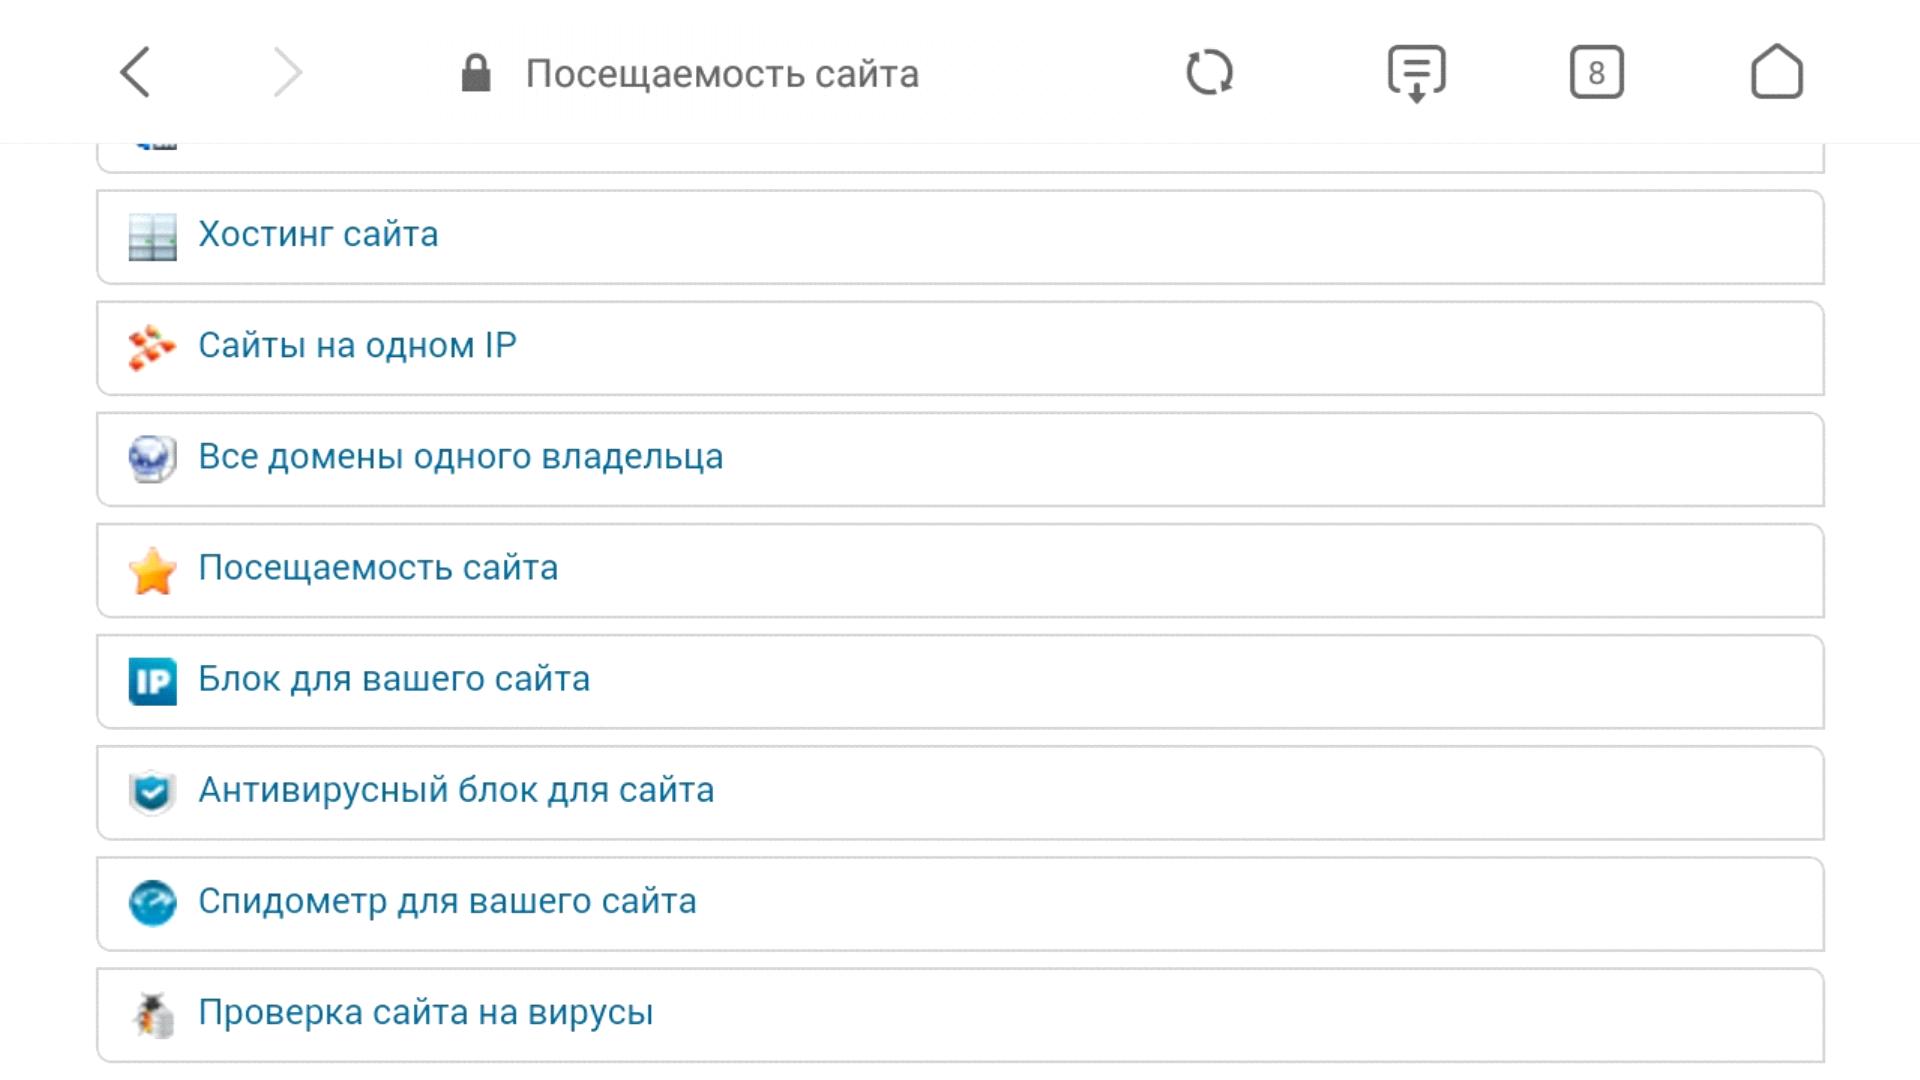 Как проверить популярность сайта